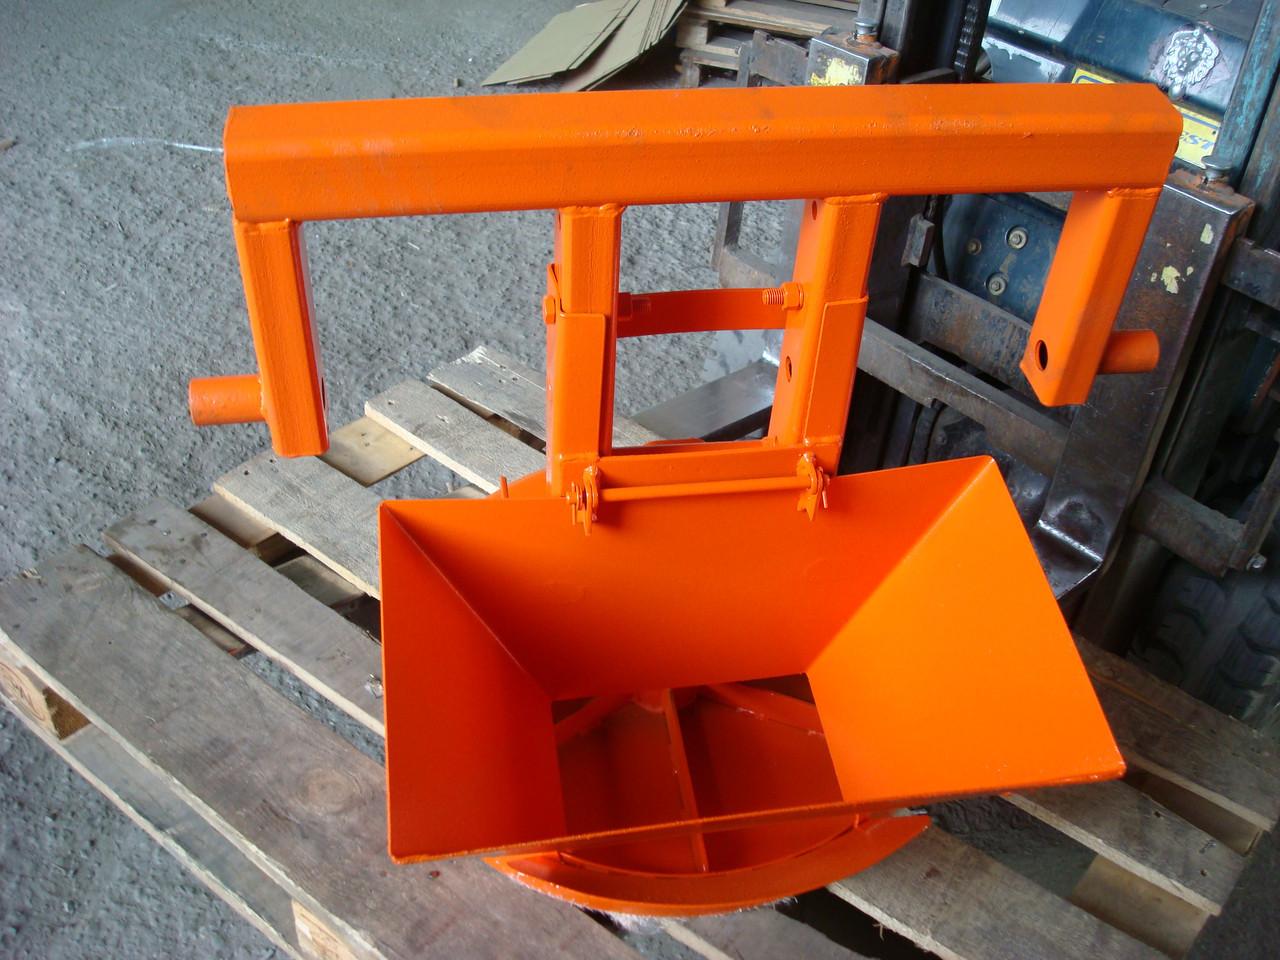 Разбрасыватель в сборе (Ø500 мм) МД-433-02 04.20.000Б (крыльчатка с гидромотором MS-80, лотком, кожухом)